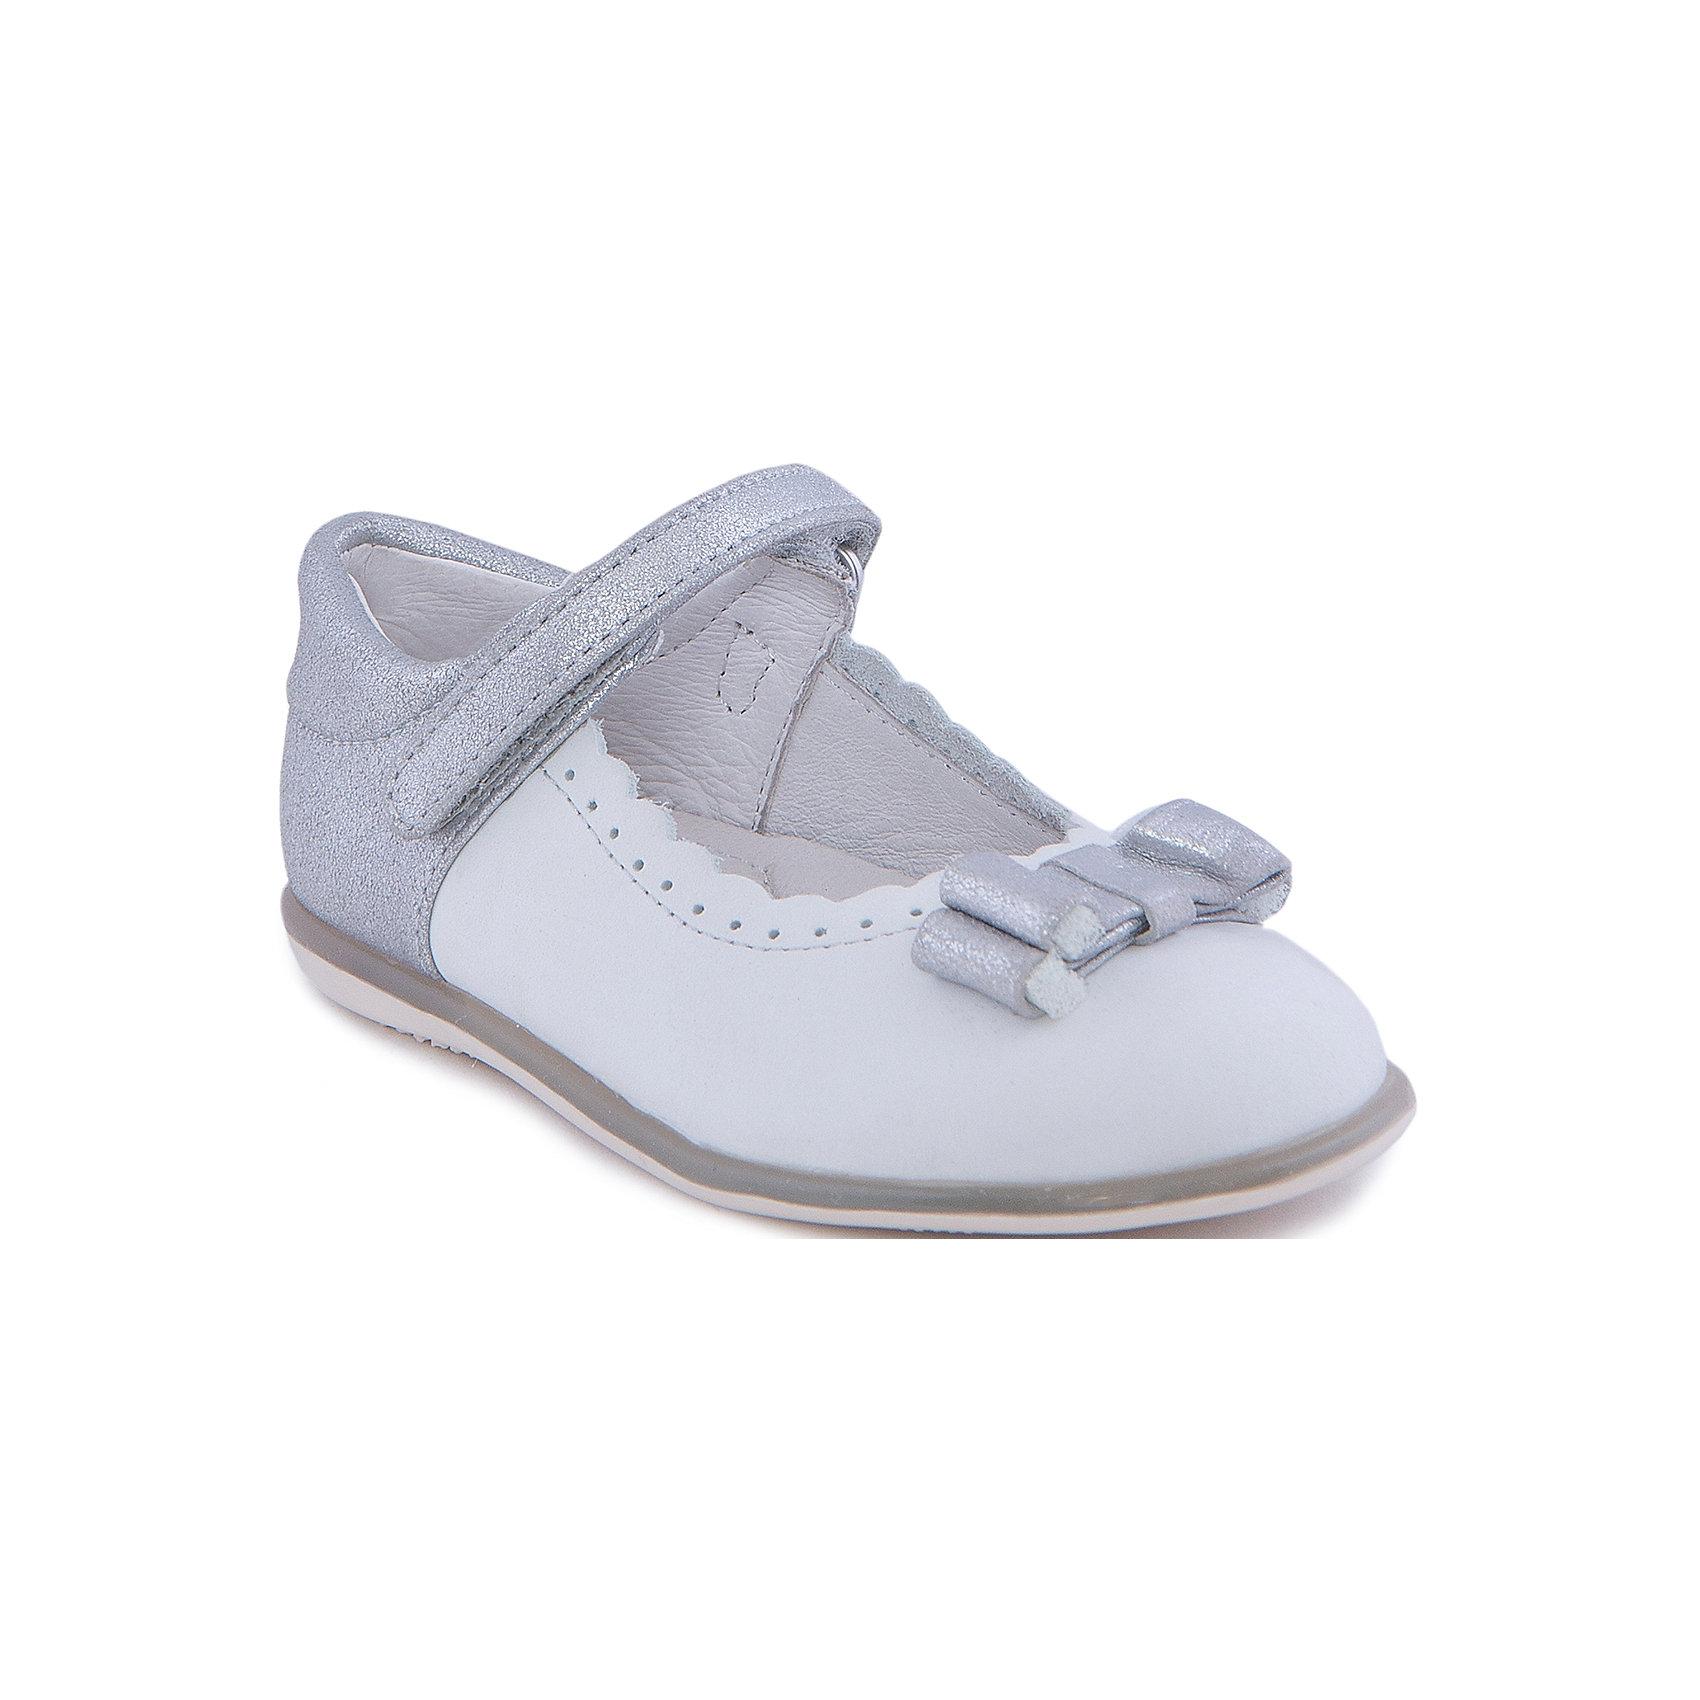 Туфли для девочки MayoralОбувь<br>Стильные туфли от известной испанской марки Mayoral приведут в восторг всех юных модниц! <br><br>Дополнительная информация:<br><br>- Стильный дизайн. <br>- Рифленая подошва.<br>- Застегиваются на липучку.<br>- Вставки и серебряной кожи на ремешке и пятке.<br>- Украшены бантиком и металлическим сердцем. <br>- Декоративная перфорация. <br>- Состав: материал верха - 55% кожа, 45% замша; подкладка, стелька -  100% кожа; подошва - 100% синтетический материал. <br><br>Туфли Mayoral (Майорал) можно купить в нашем магазине.<br><br>Ширина мм: 227<br>Глубина мм: 145<br>Высота мм: 124<br>Вес г: 325<br>Цвет: серый<br>Возраст от месяцев: 12<br>Возраст до месяцев: 15<br>Пол: Женский<br>Возраст: Детский<br>Размер: 21,27,25,24,26,23,22<br>SKU: 4539349